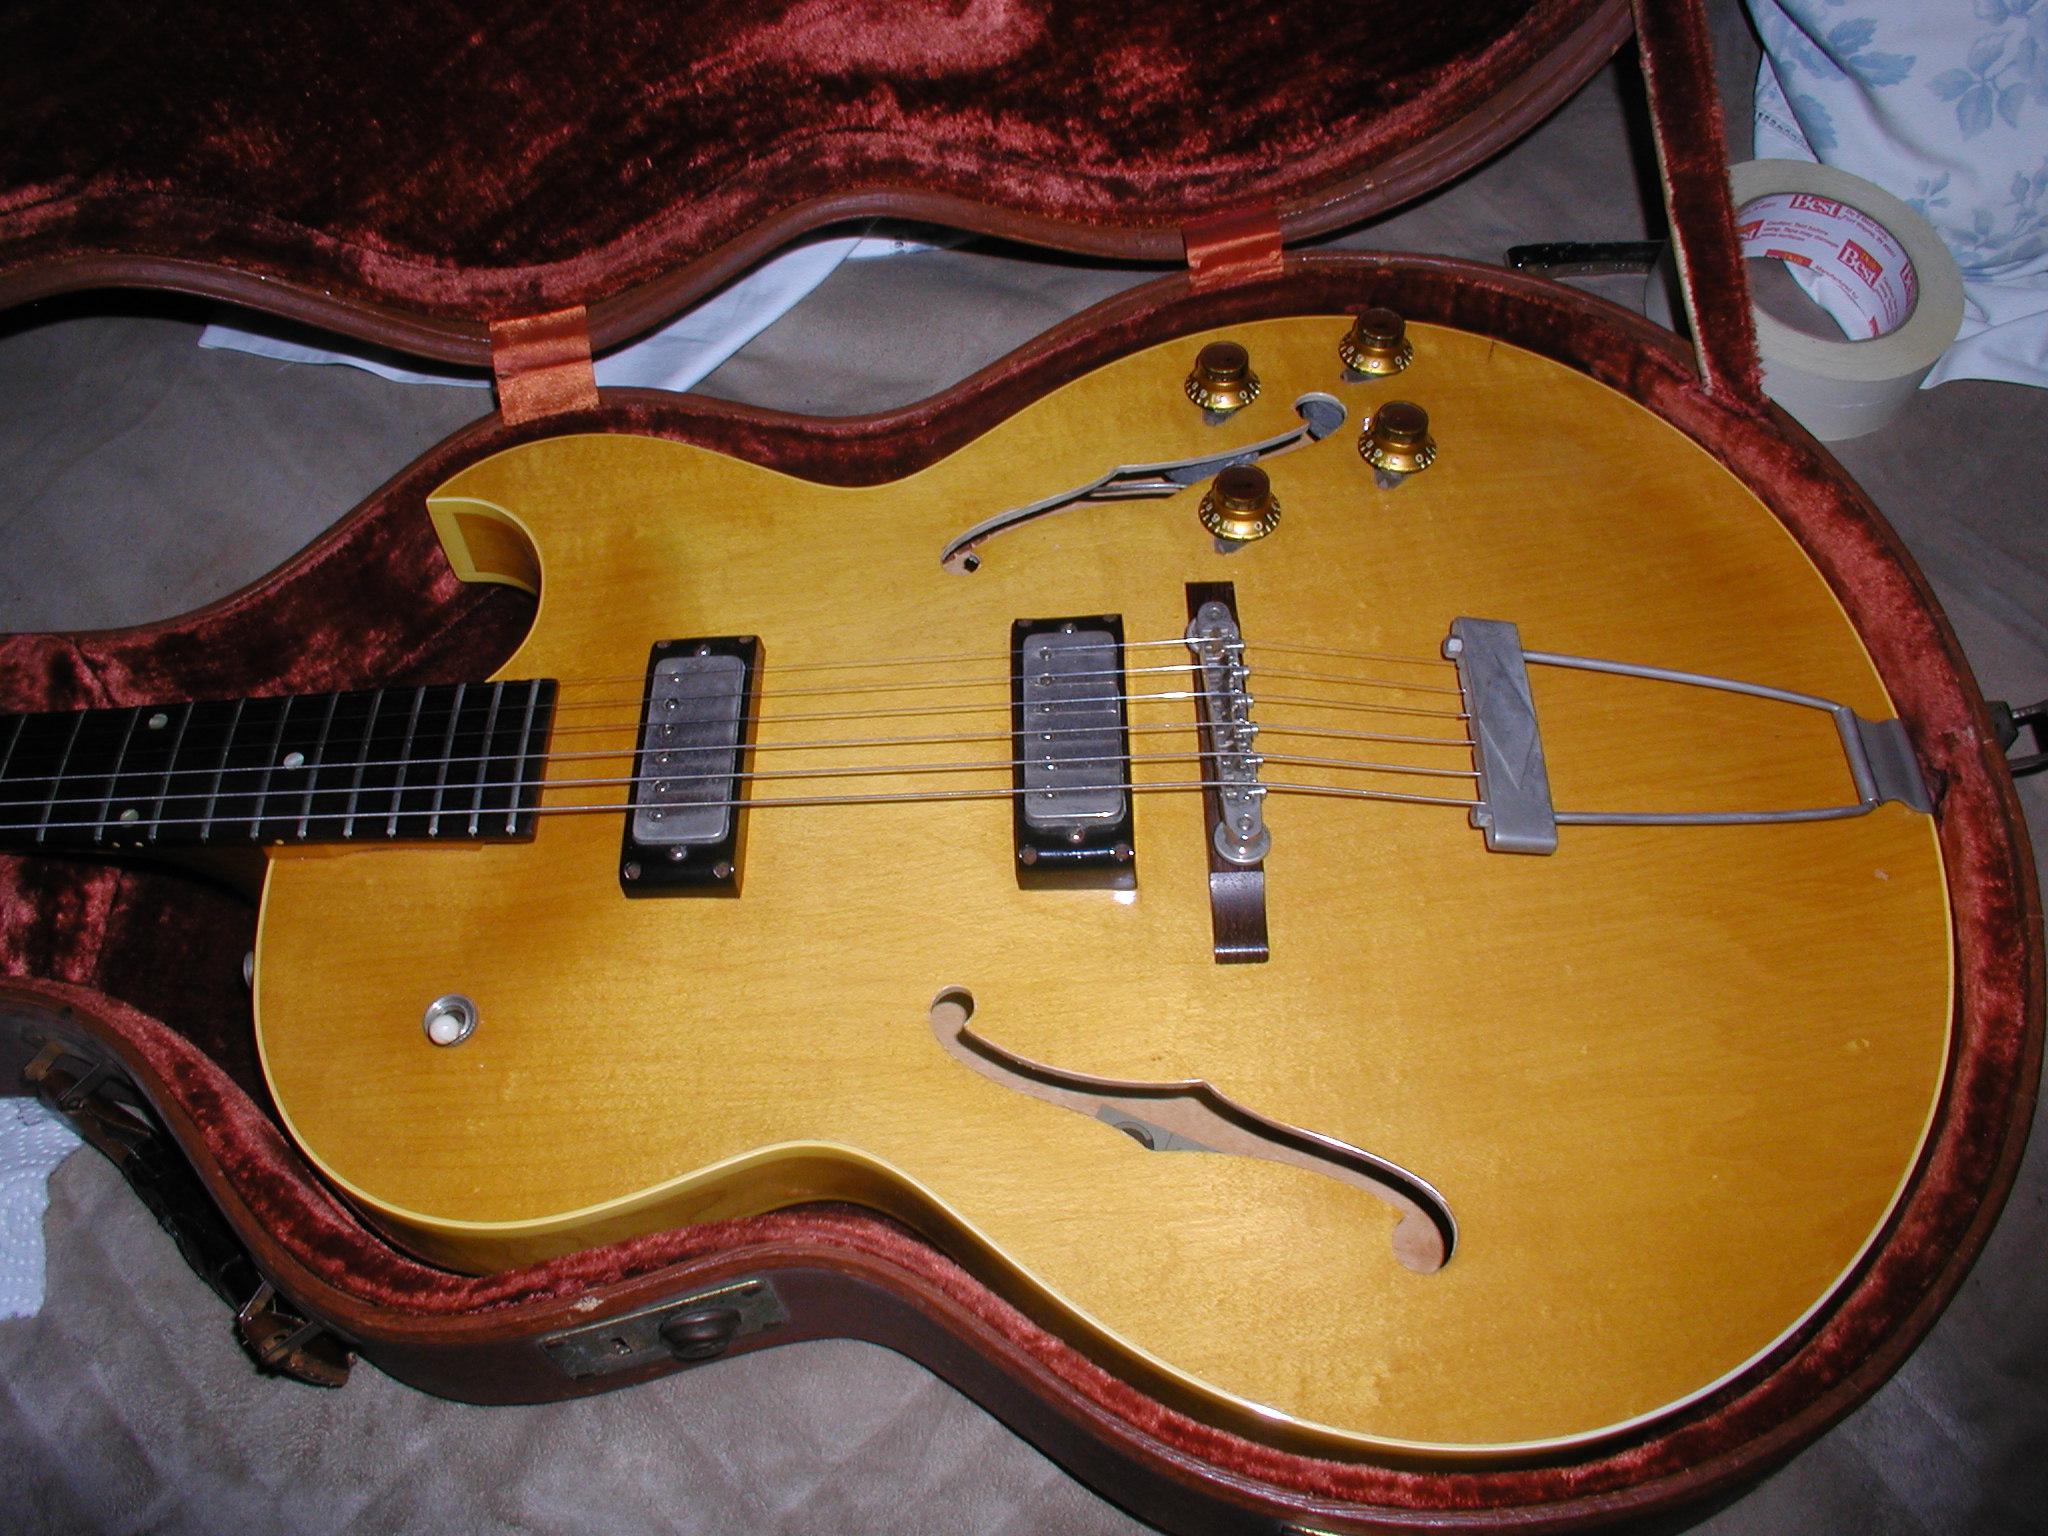 epiphone sorrento 1961 natural guitar for sale ok guitars. Black Bedroom Furniture Sets. Home Design Ideas